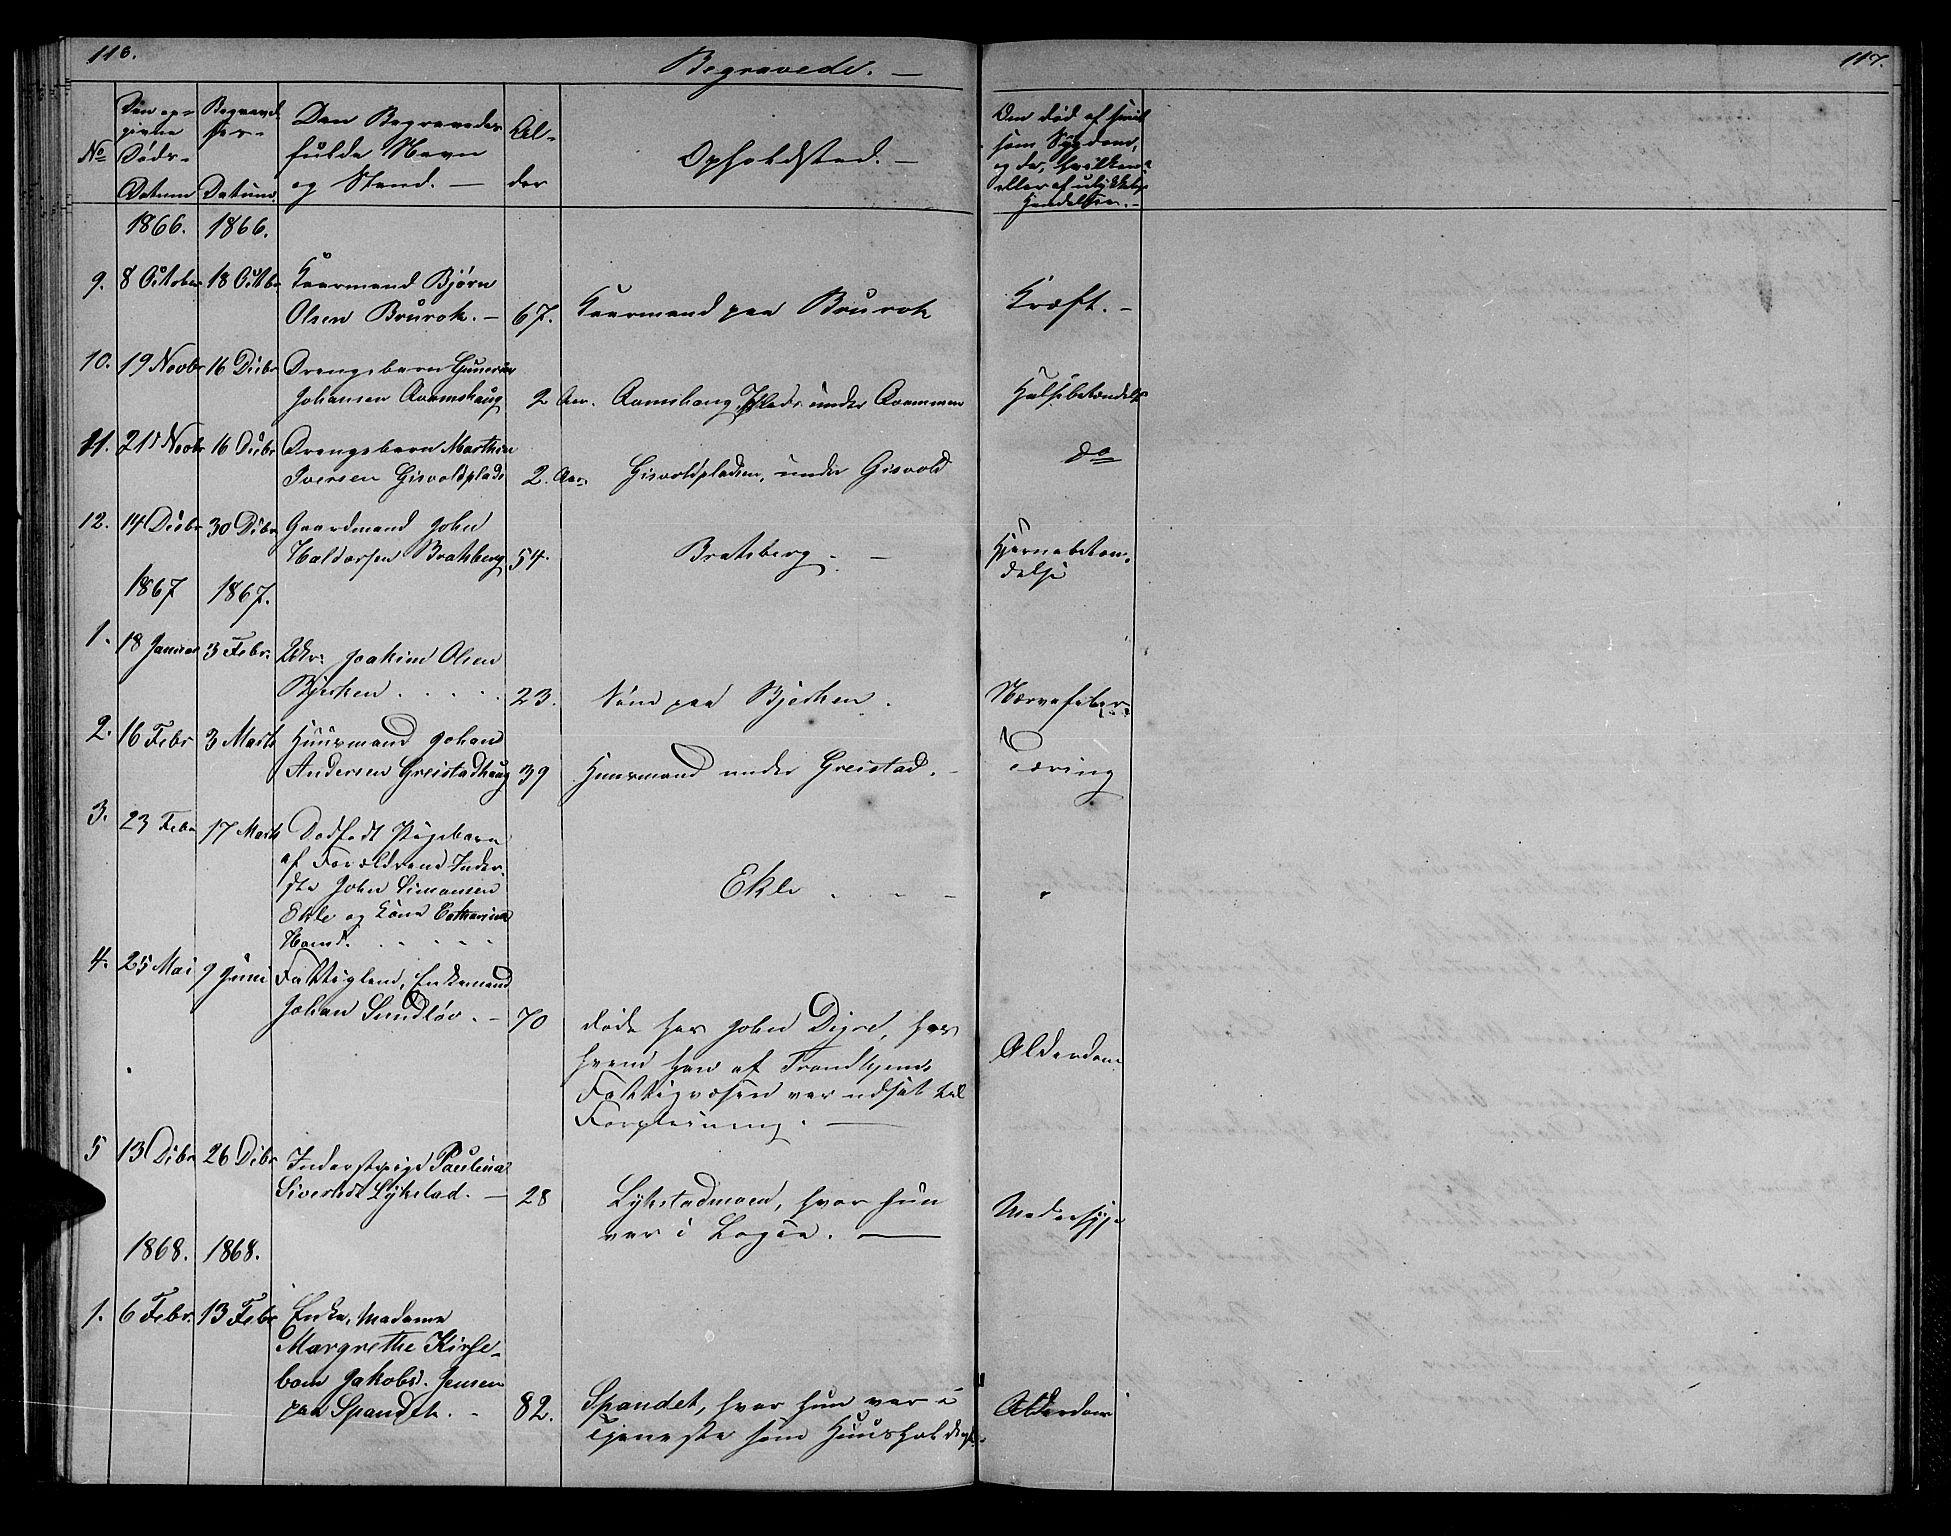 SAT, Ministerialprotokoller, klokkerbøker og fødselsregistre - Sør-Trøndelag, 608/L0340: Klokkerbok nr. 608C06, 1864-1889, s. 116-117